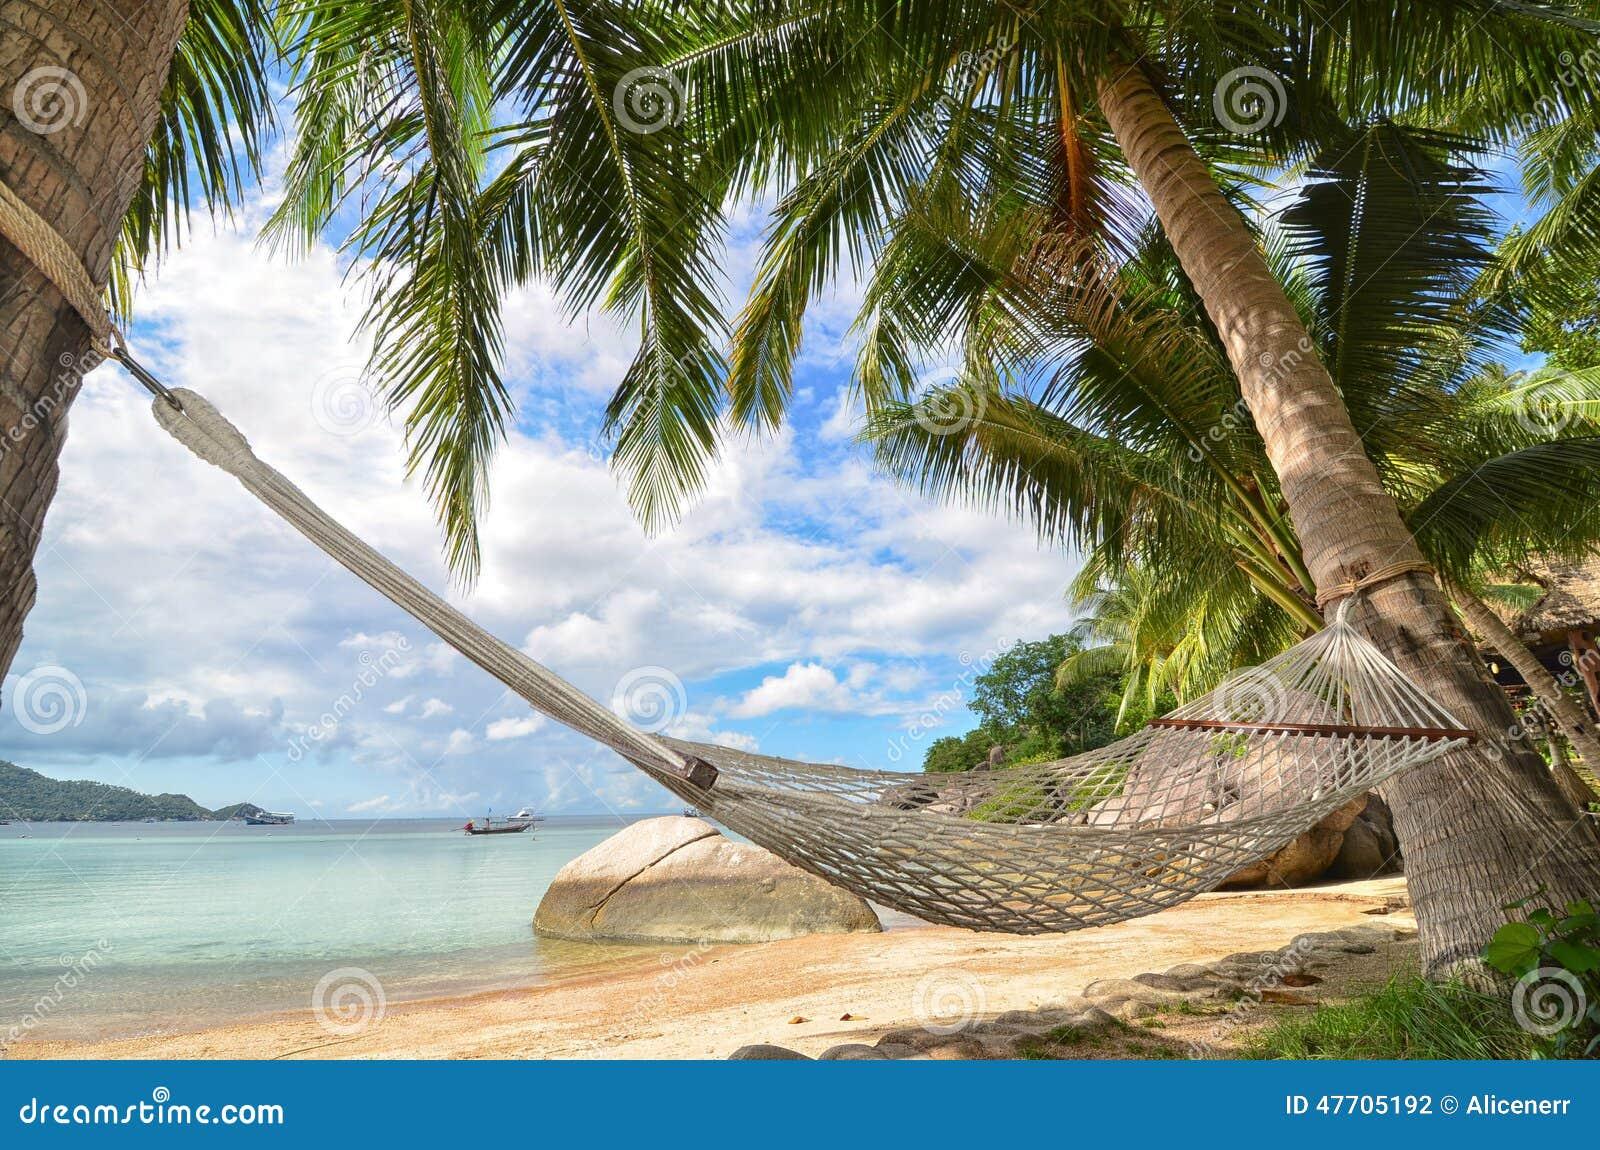 Hammock смертная казнь через повешение между пальмами на песчаном пляже и морским побережьем